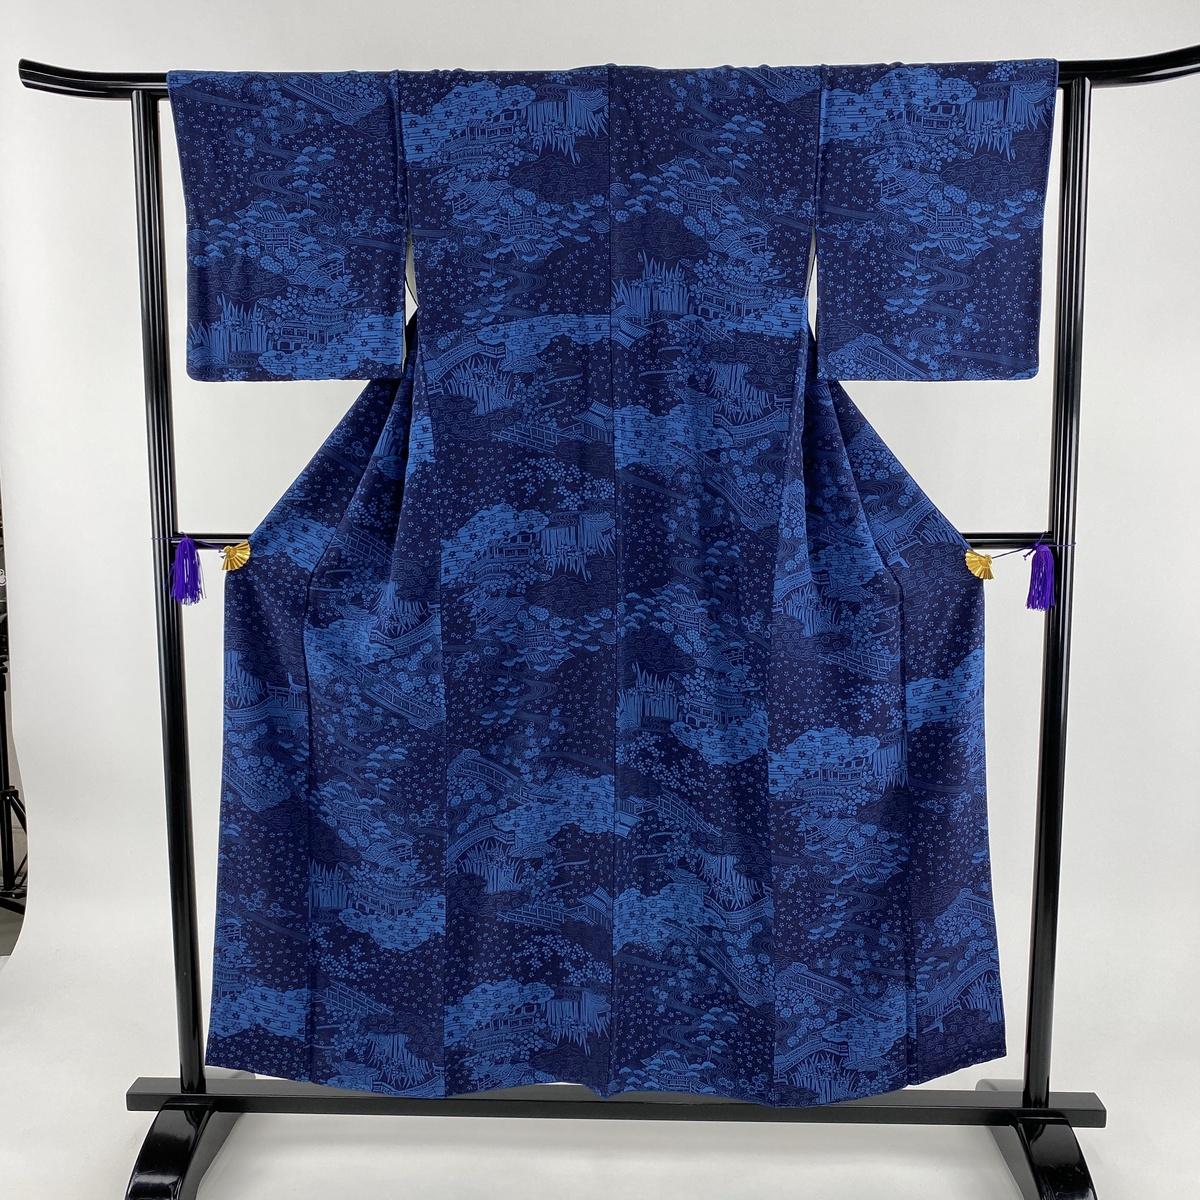 小紋 美品 秀品 風景 建物 藍色 袷 身丈154cm 裄丈62cm S 正絹 【中古】